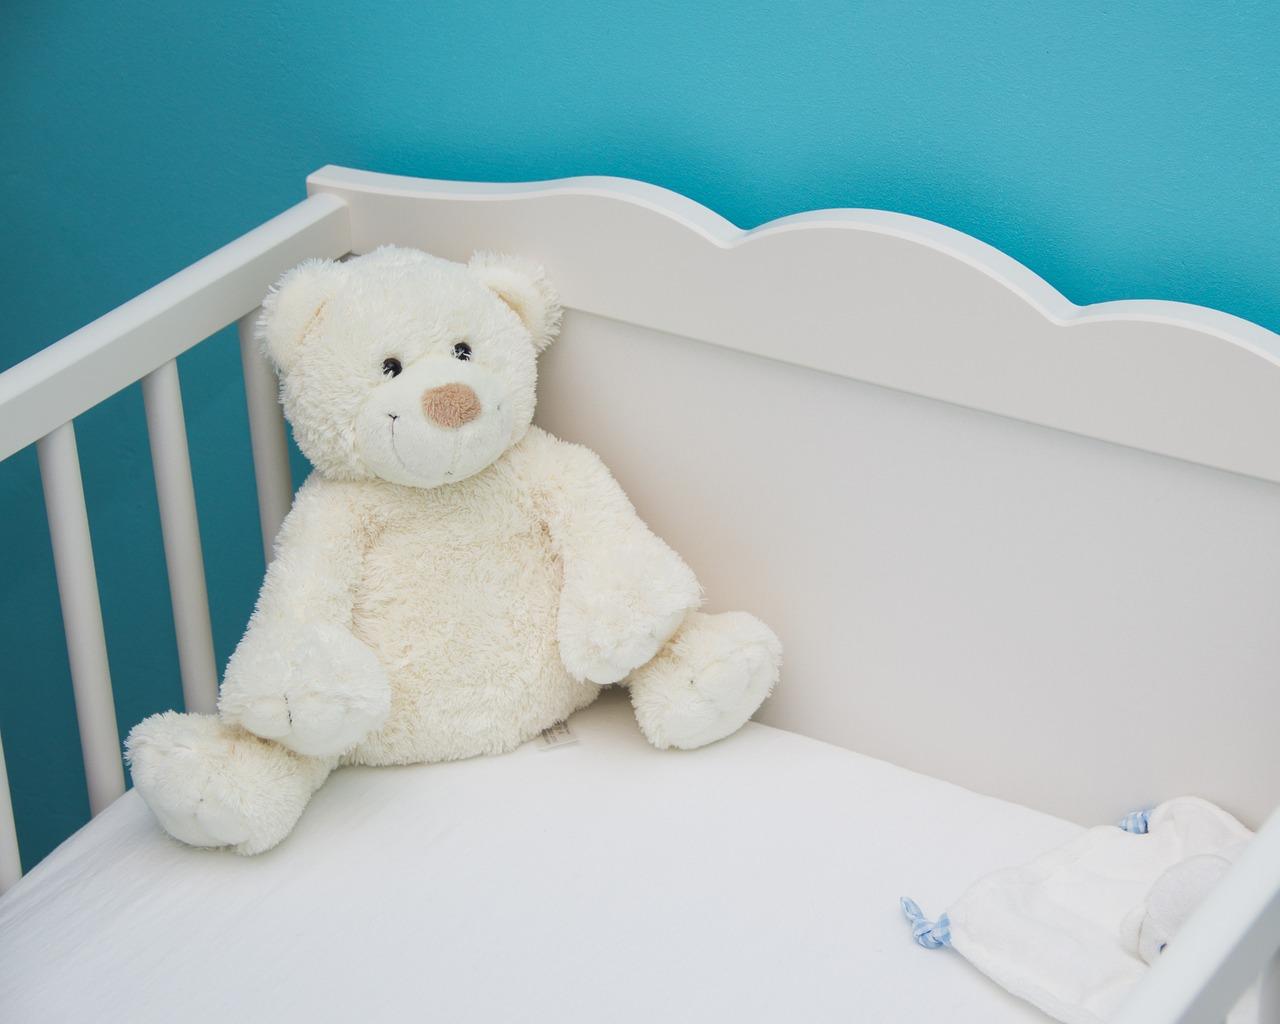 Cos'è la sindrome della morte in culla?